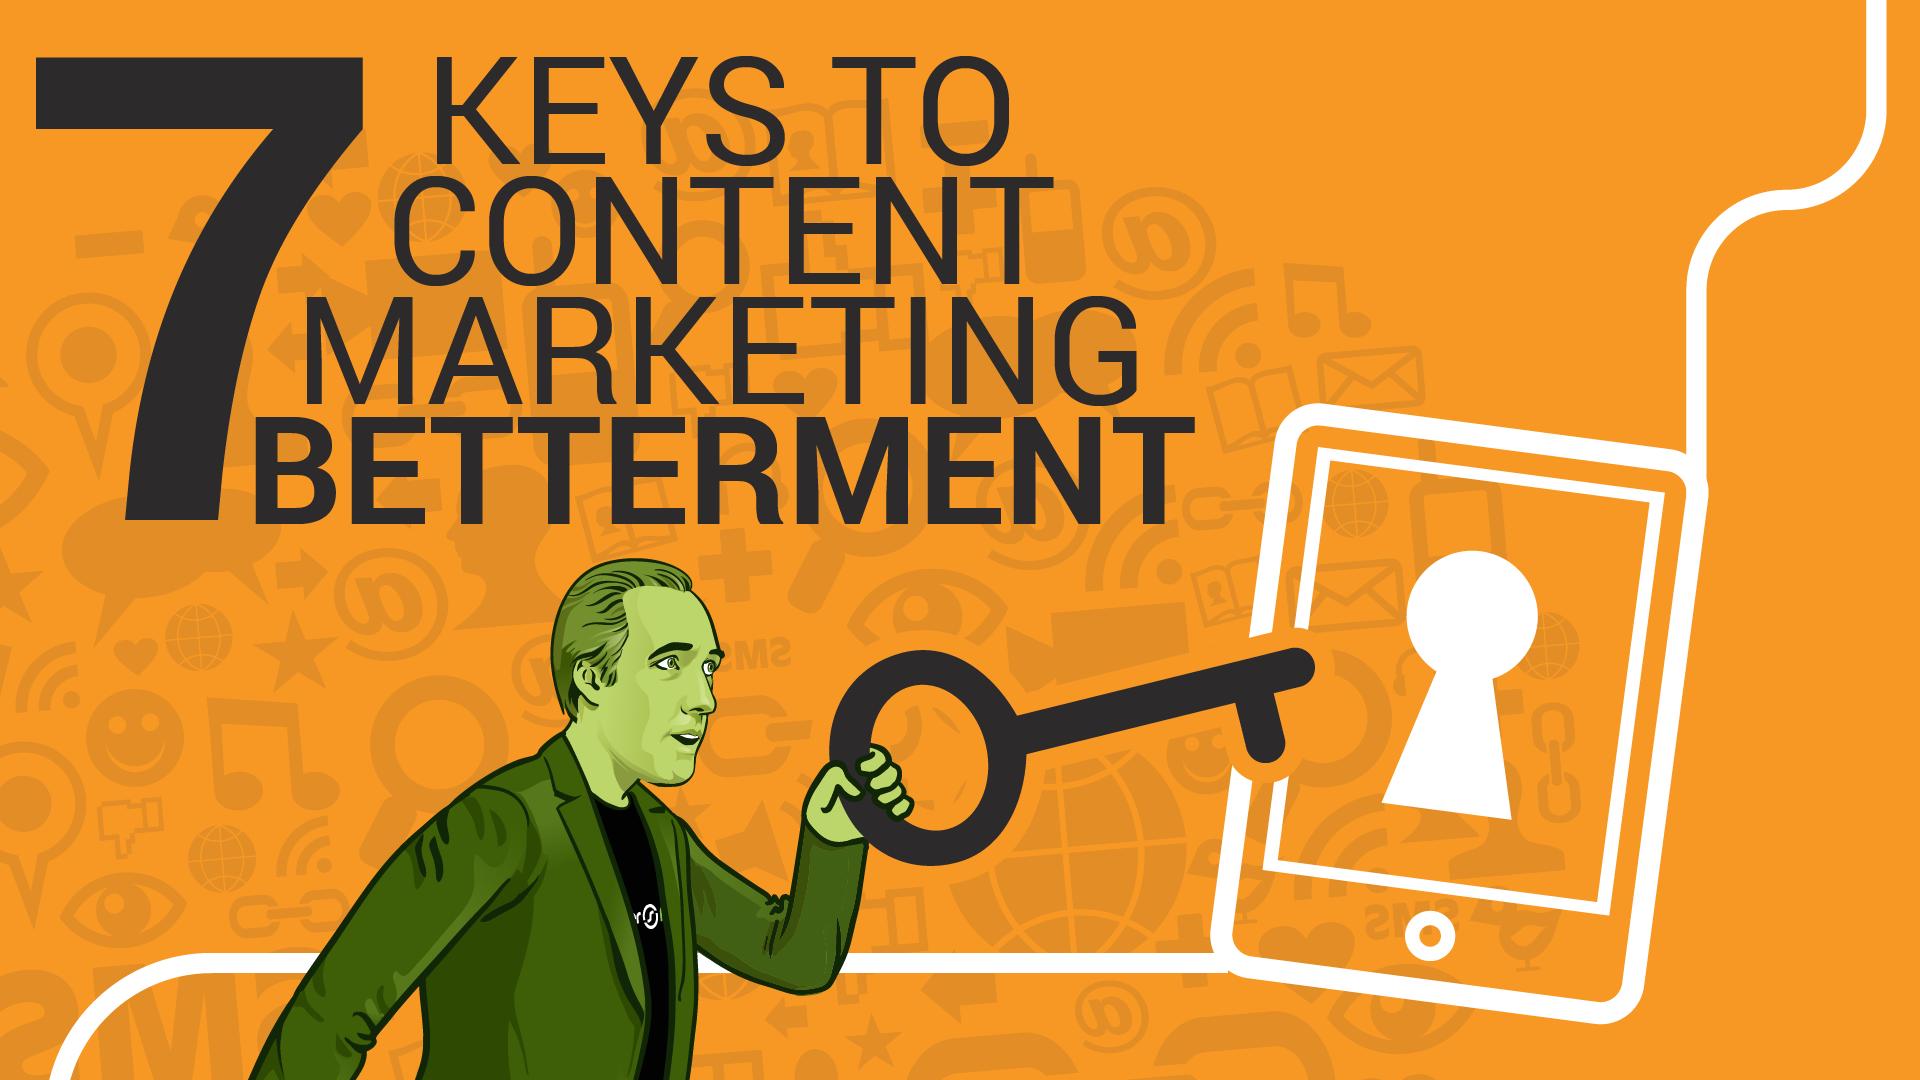 content-marketing-betterment-2017-writer-access